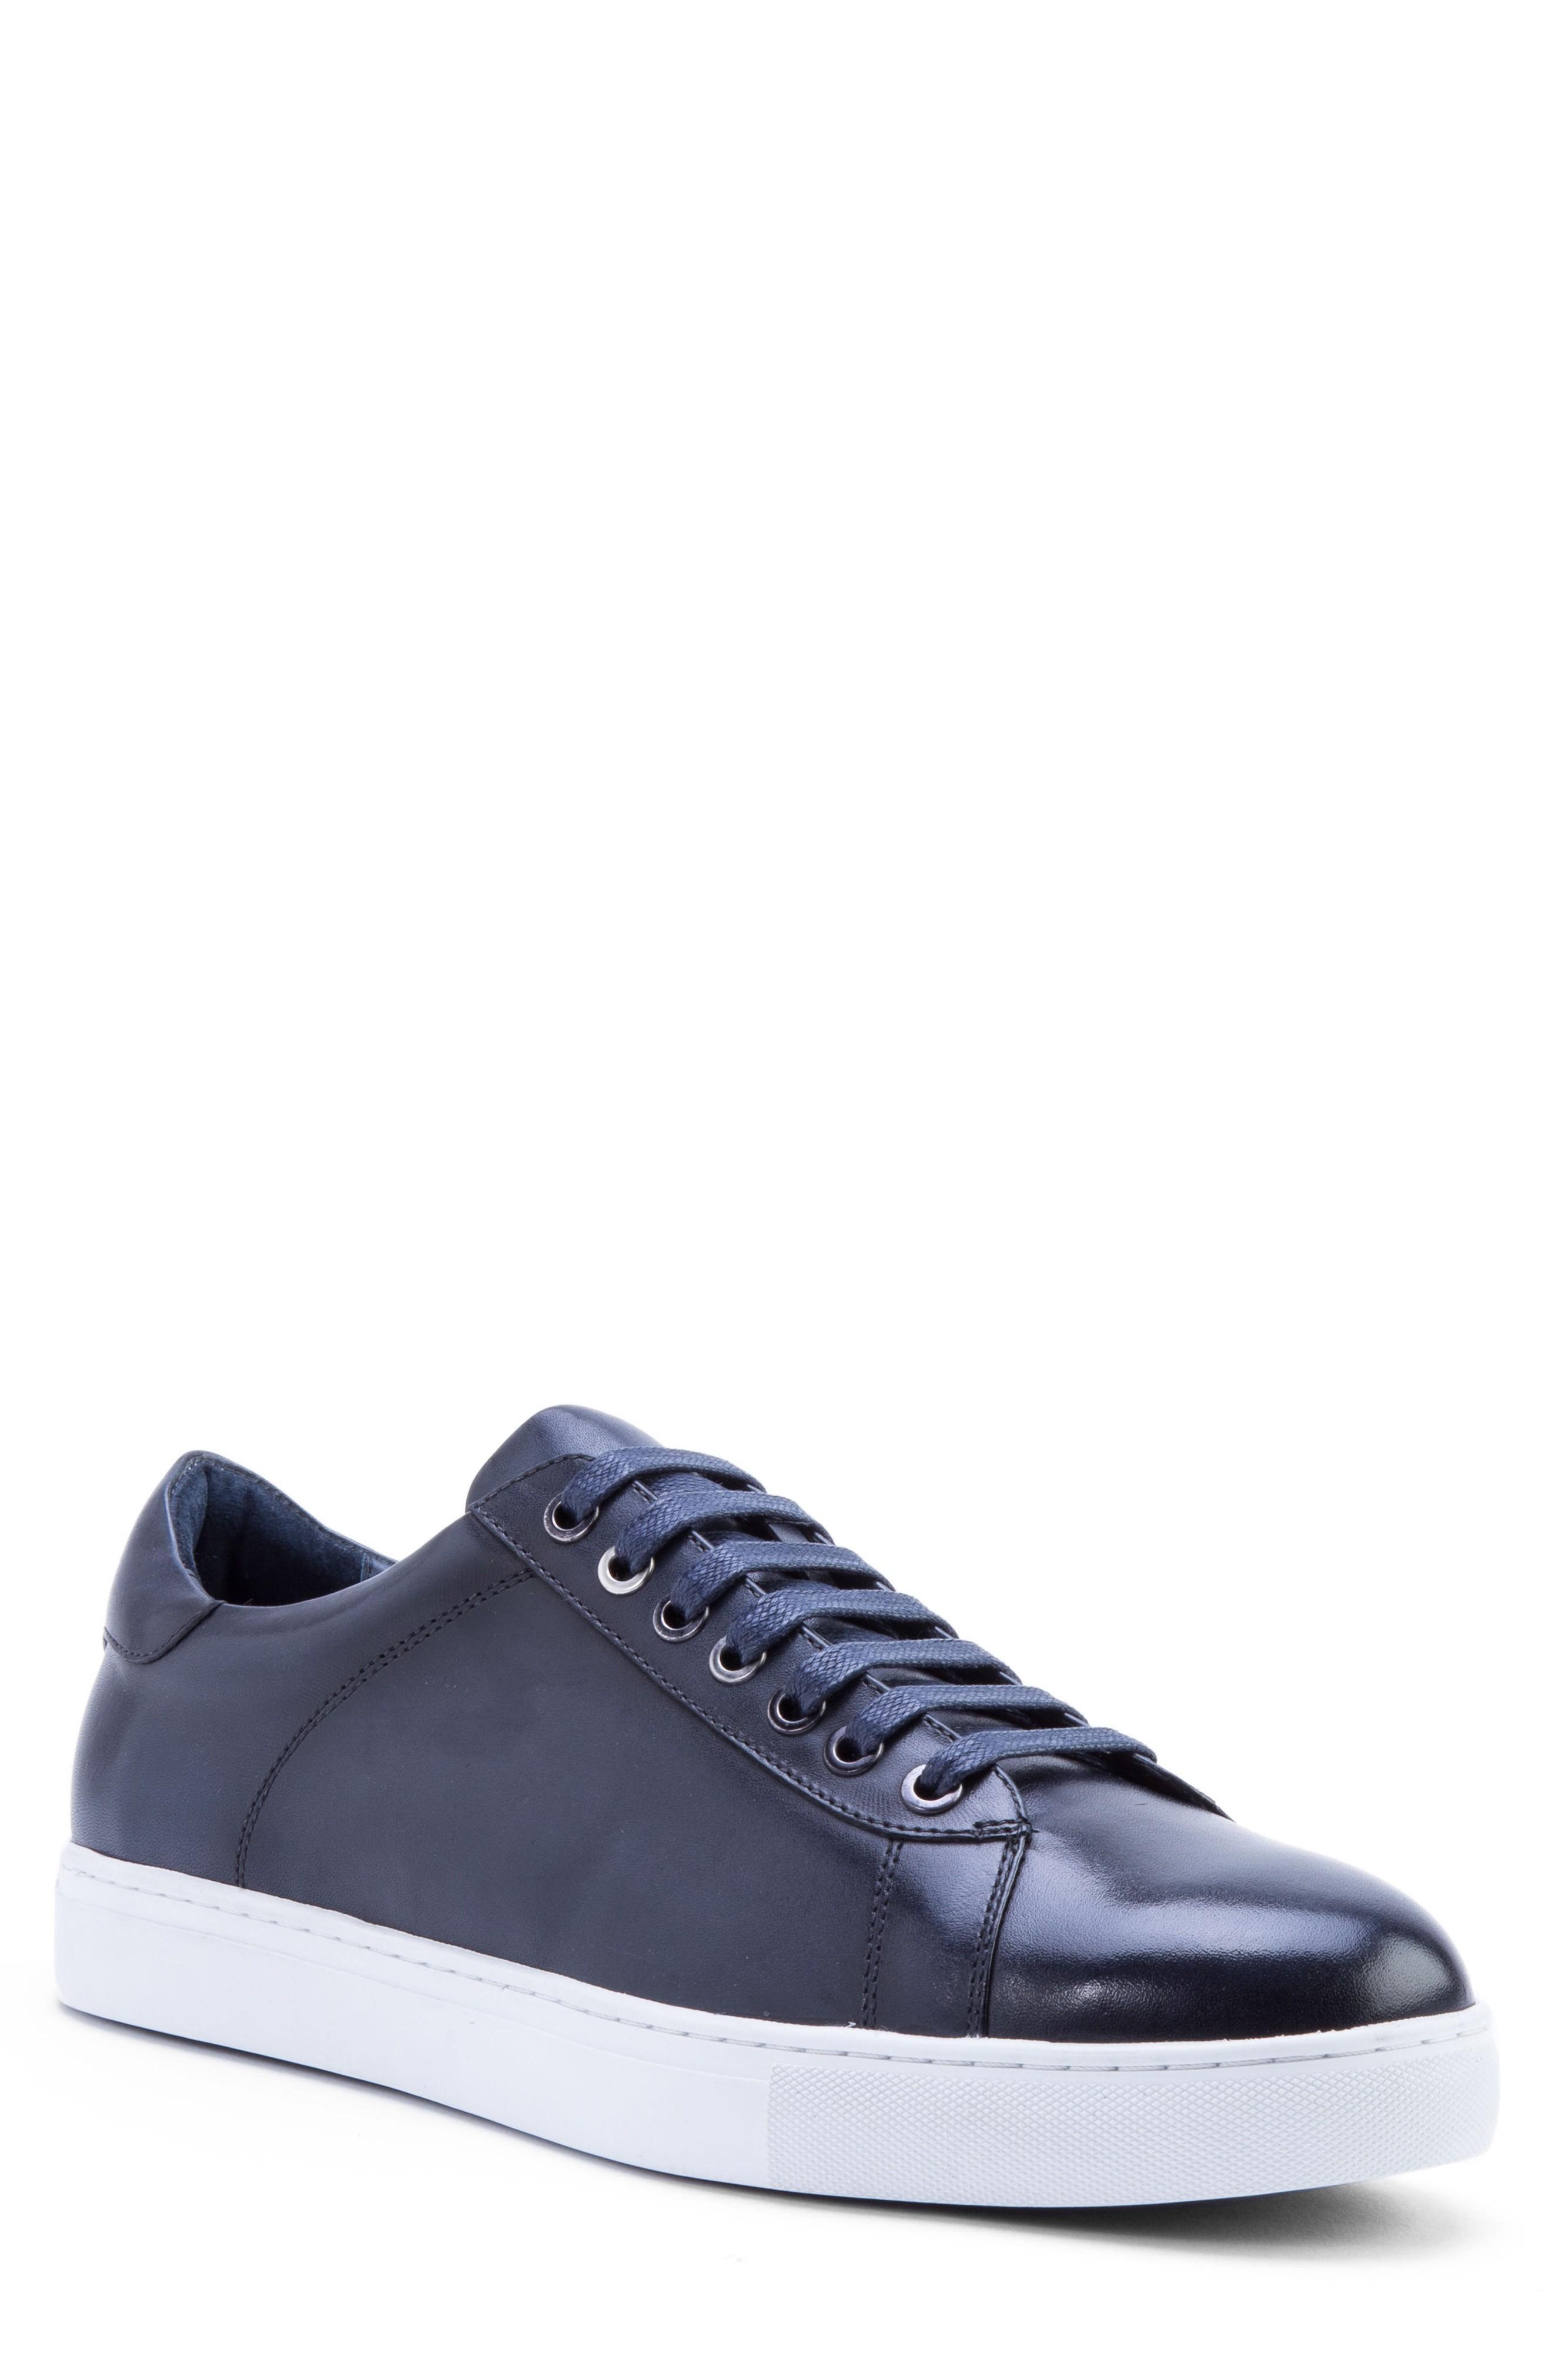 Zanzara Music Low Top Sneaker In Navy Leather